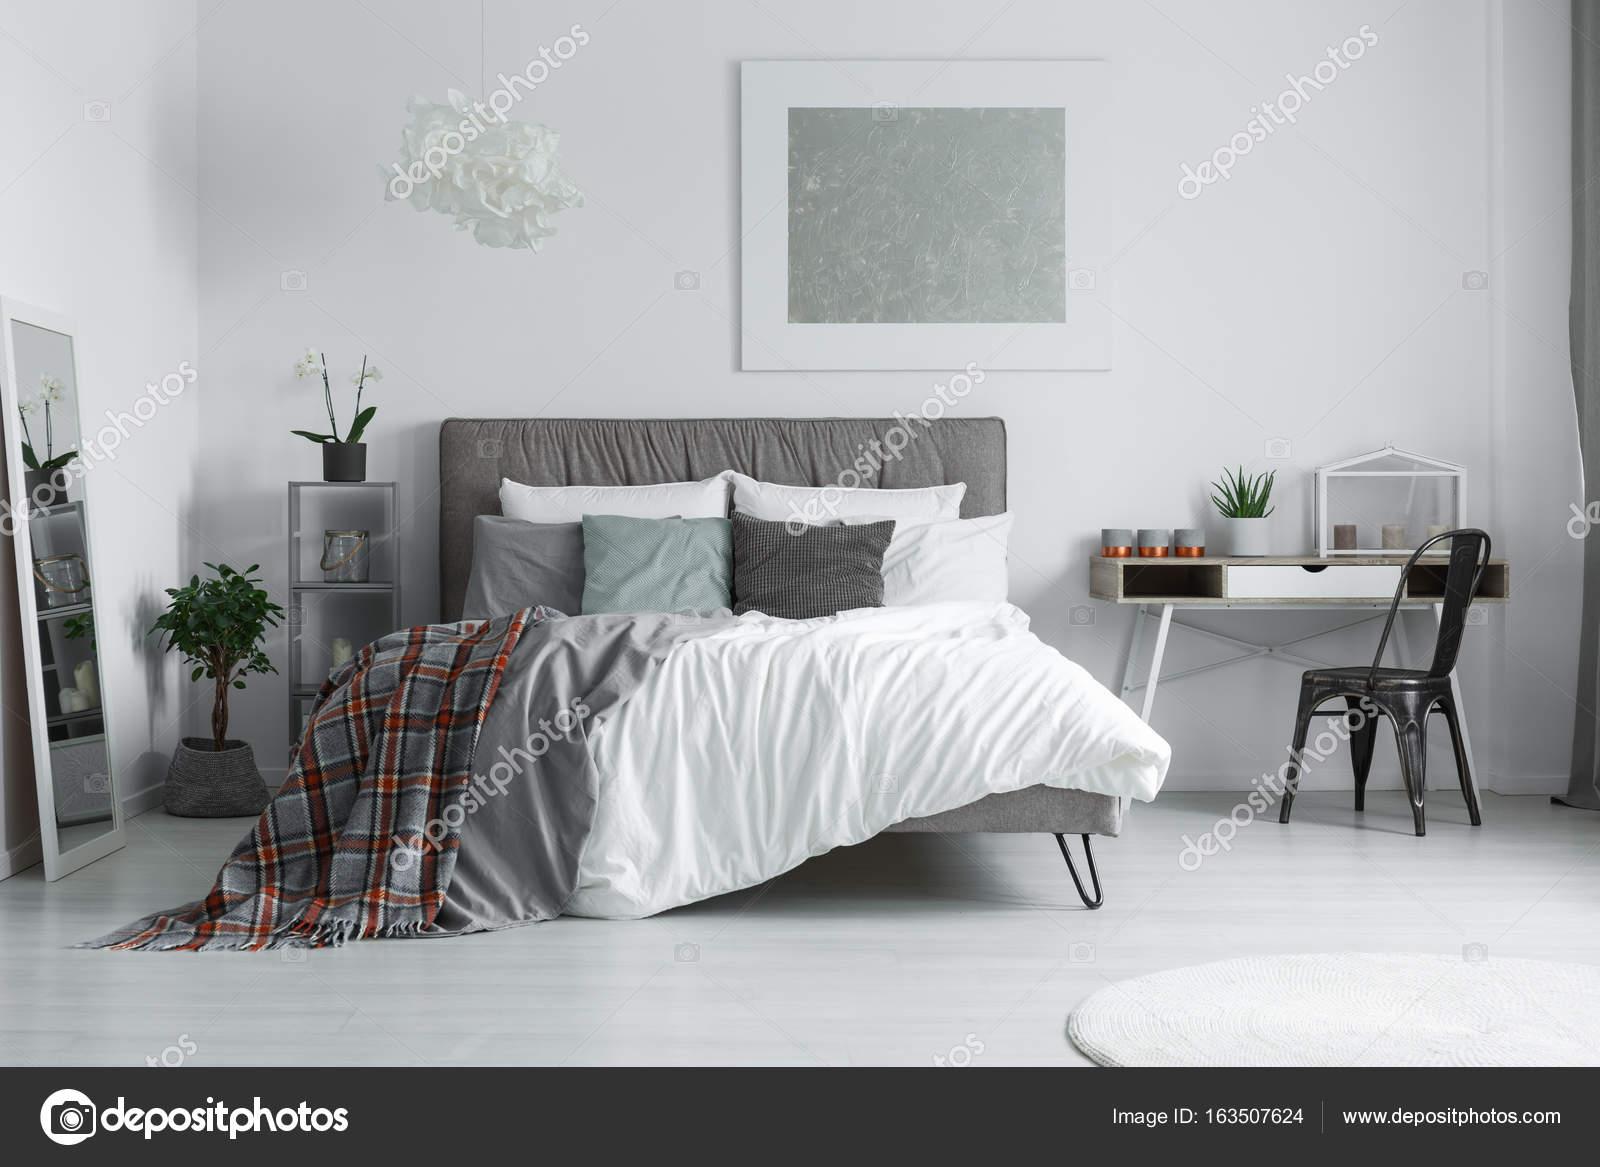 Manta a cuadros en la cama — Fotos de Stock © photographee.eu #163507624